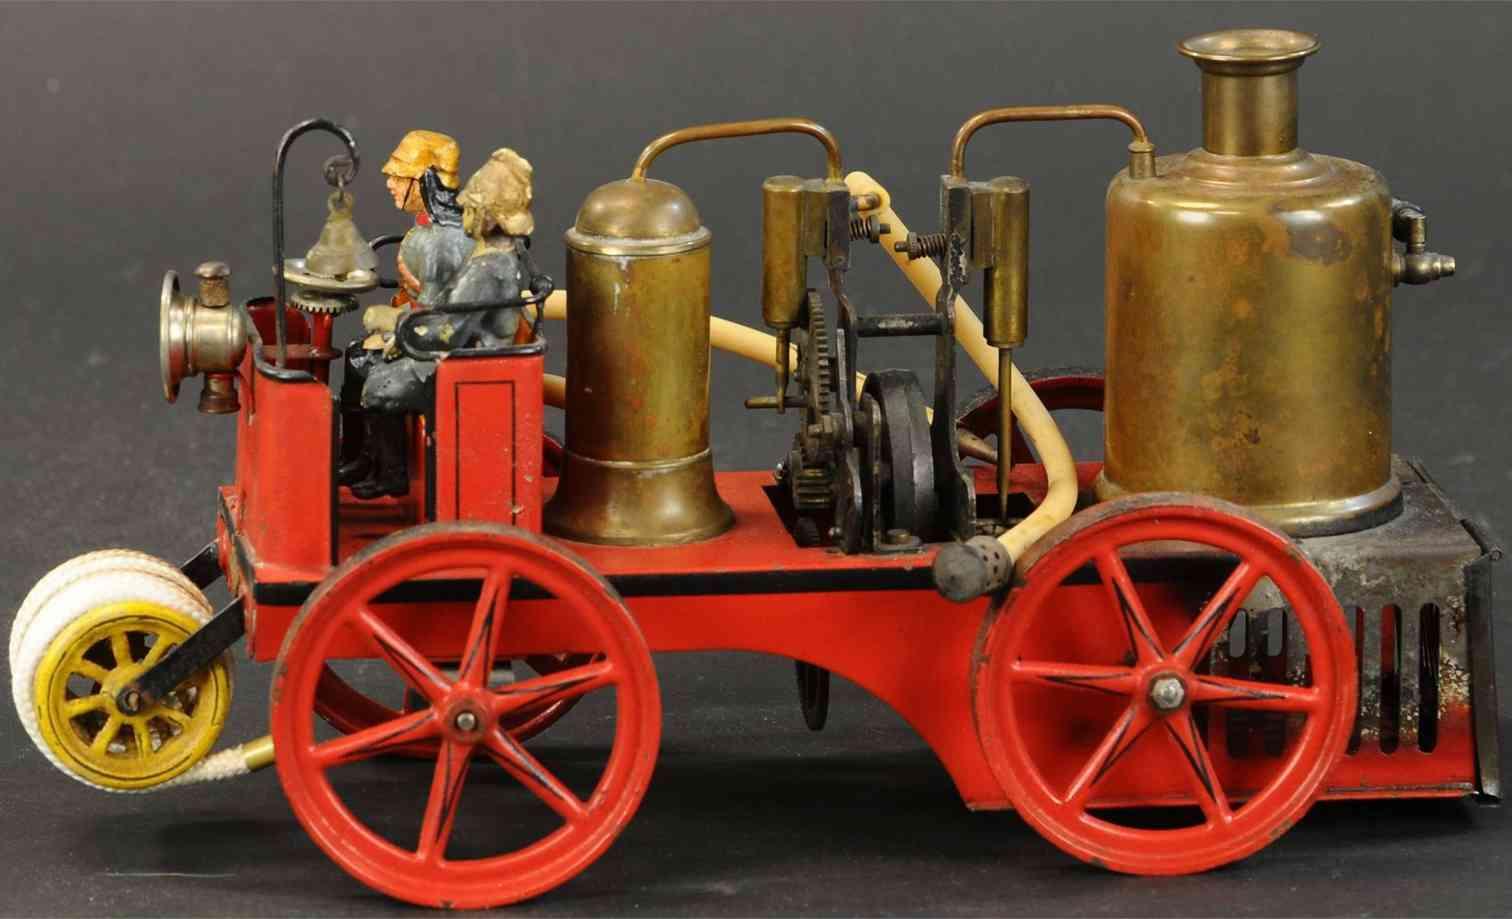 bing 13954/2 tin toy engine lives steam fire pumper